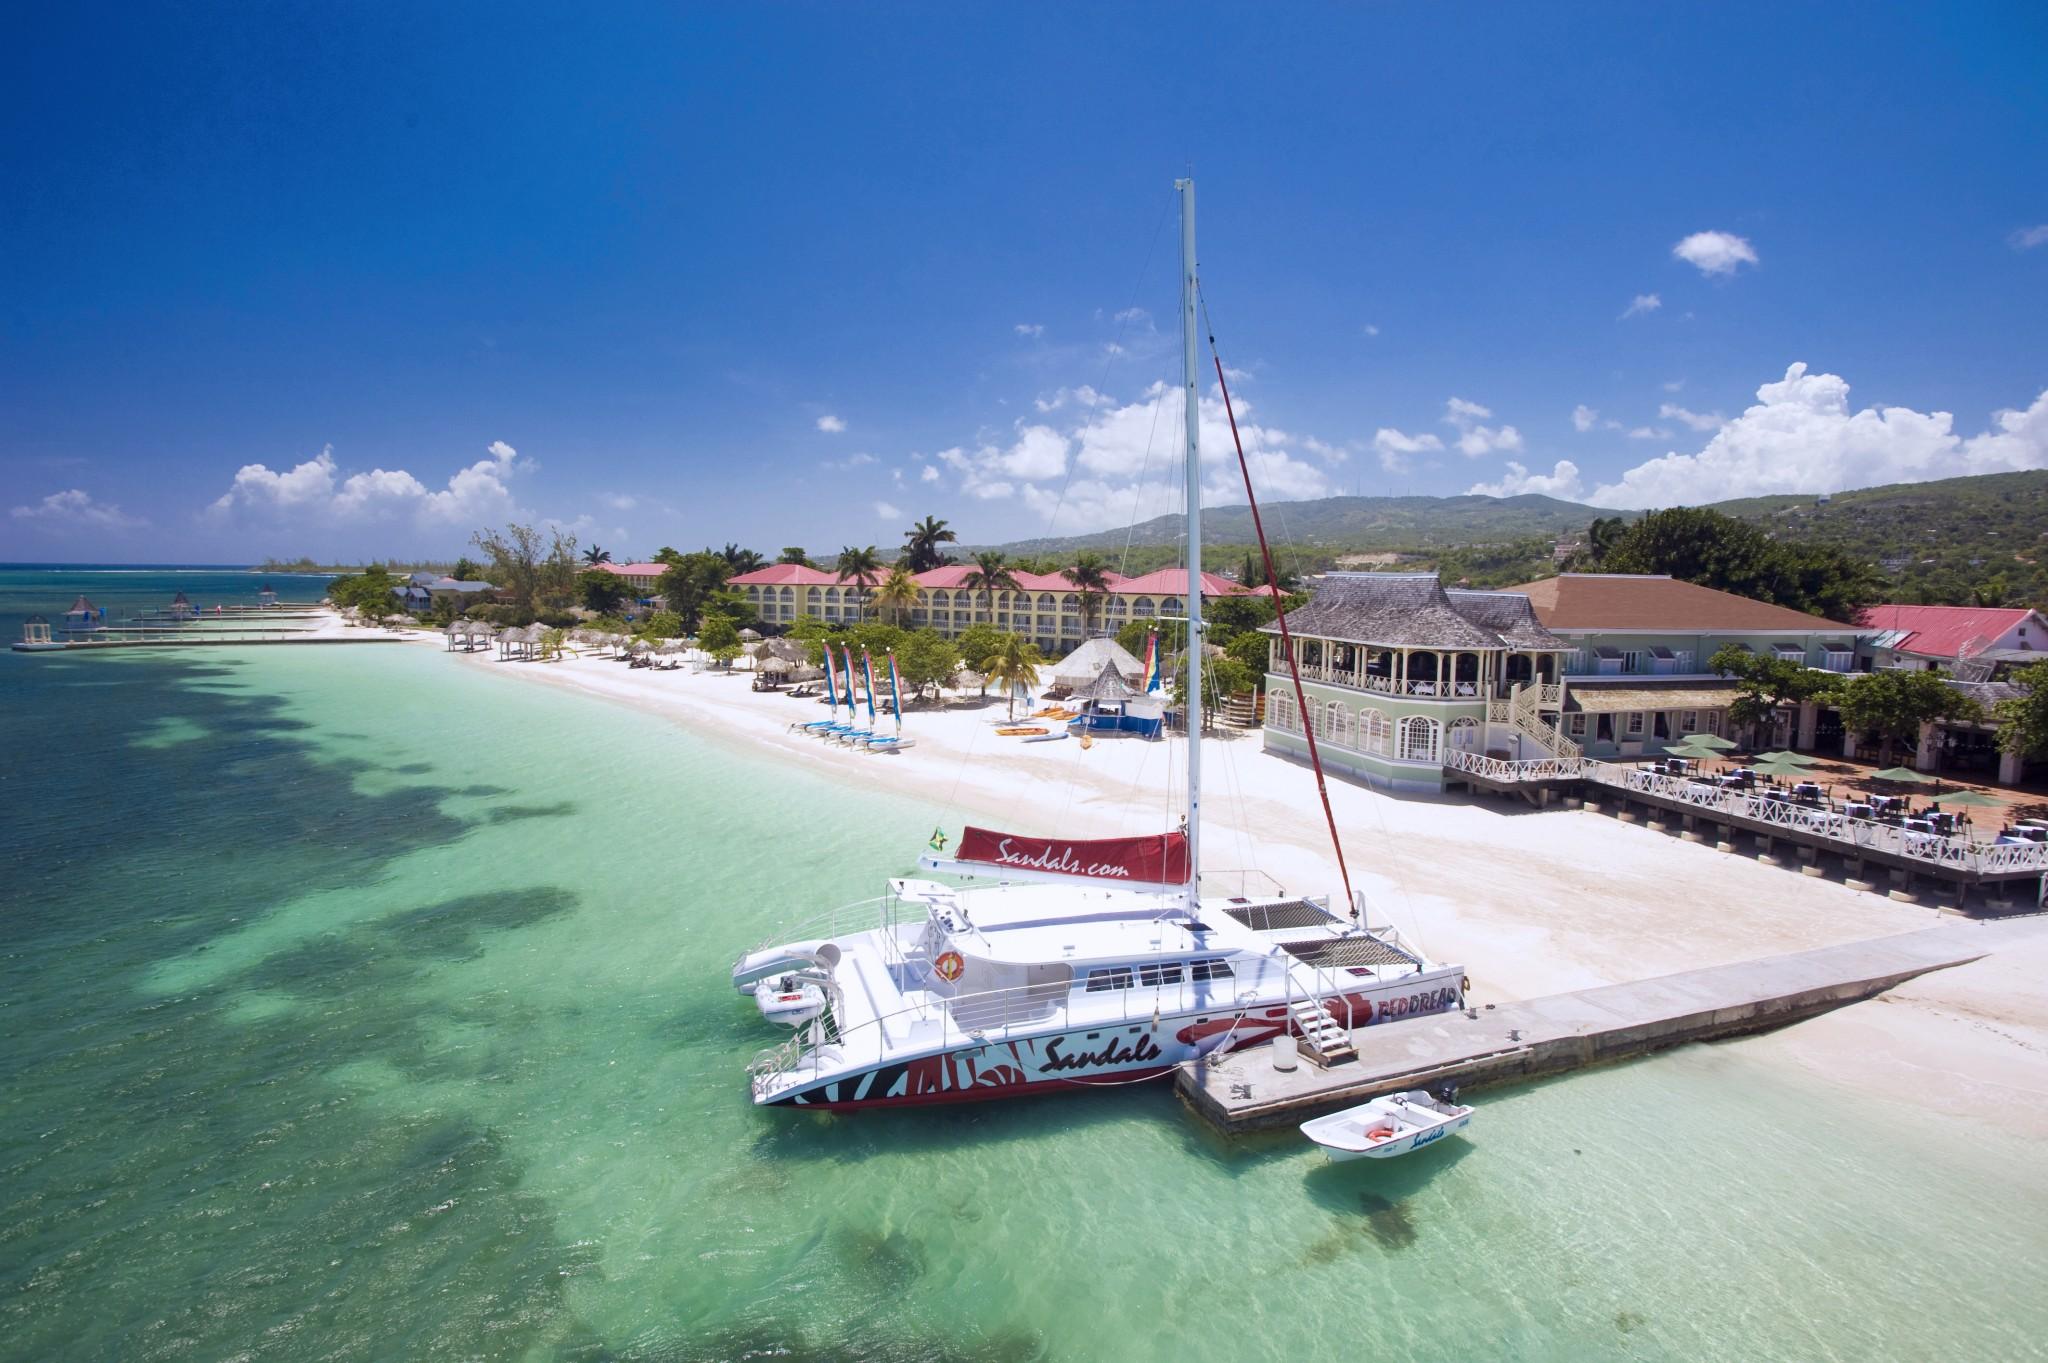 8cc5849c6 Sandals Montego Bay - Caribbean   Co.